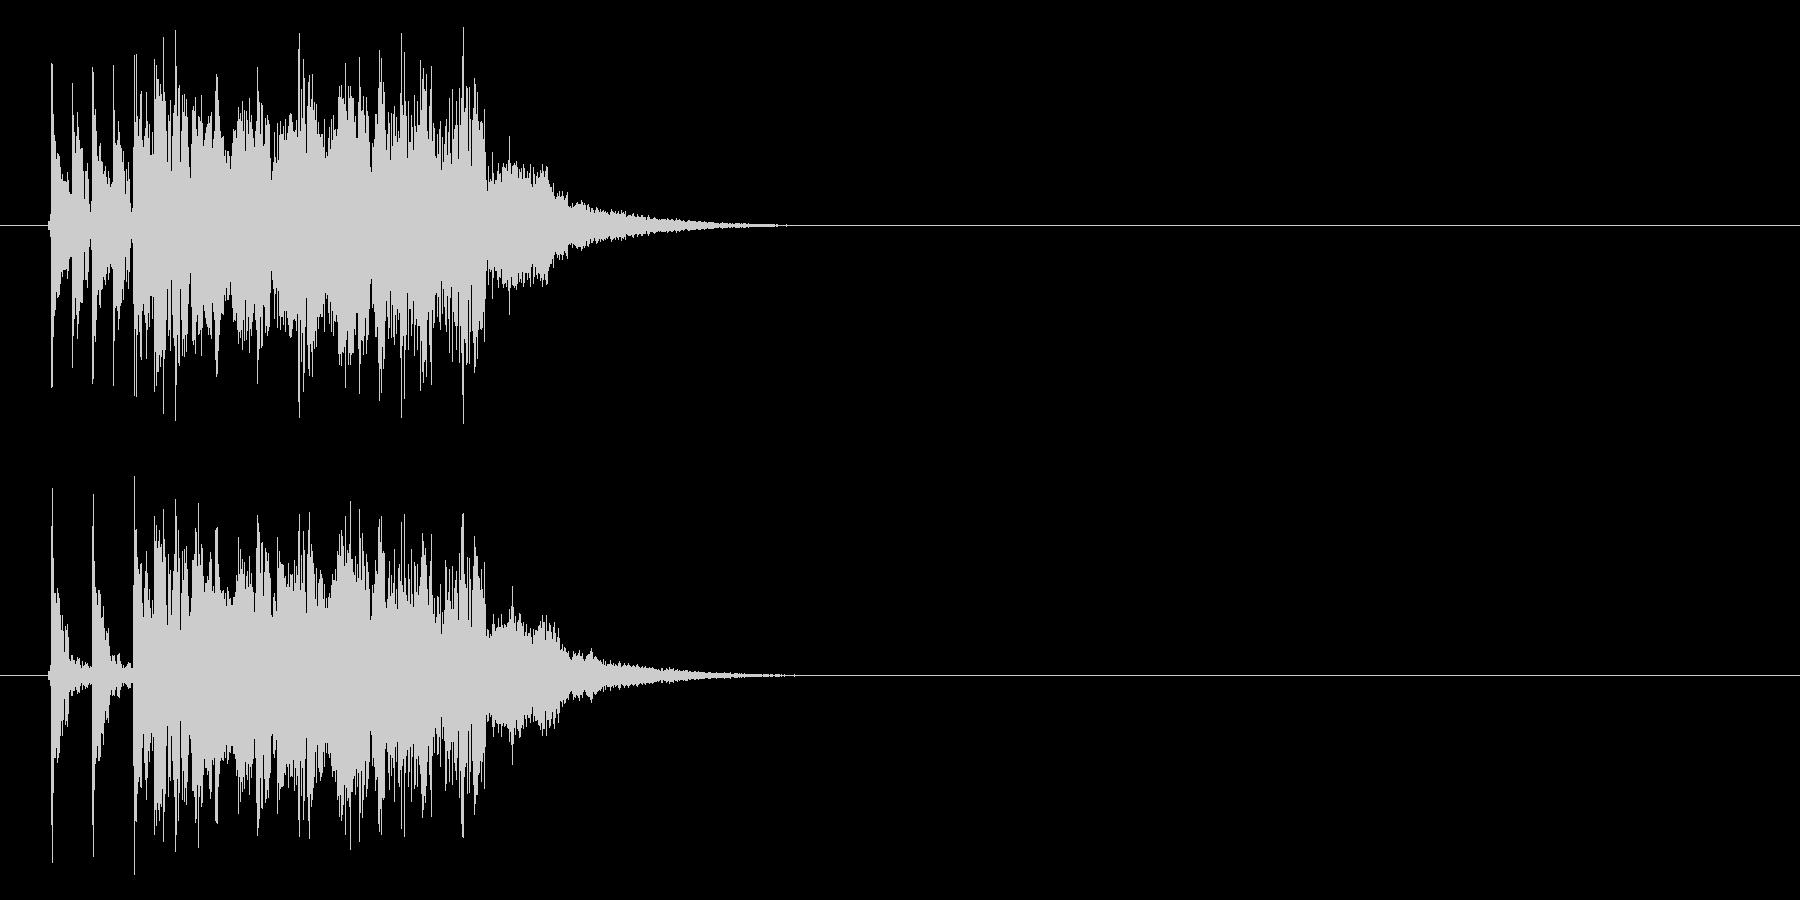 打ち込み系エレクトリック・ファンクの未再生の波形